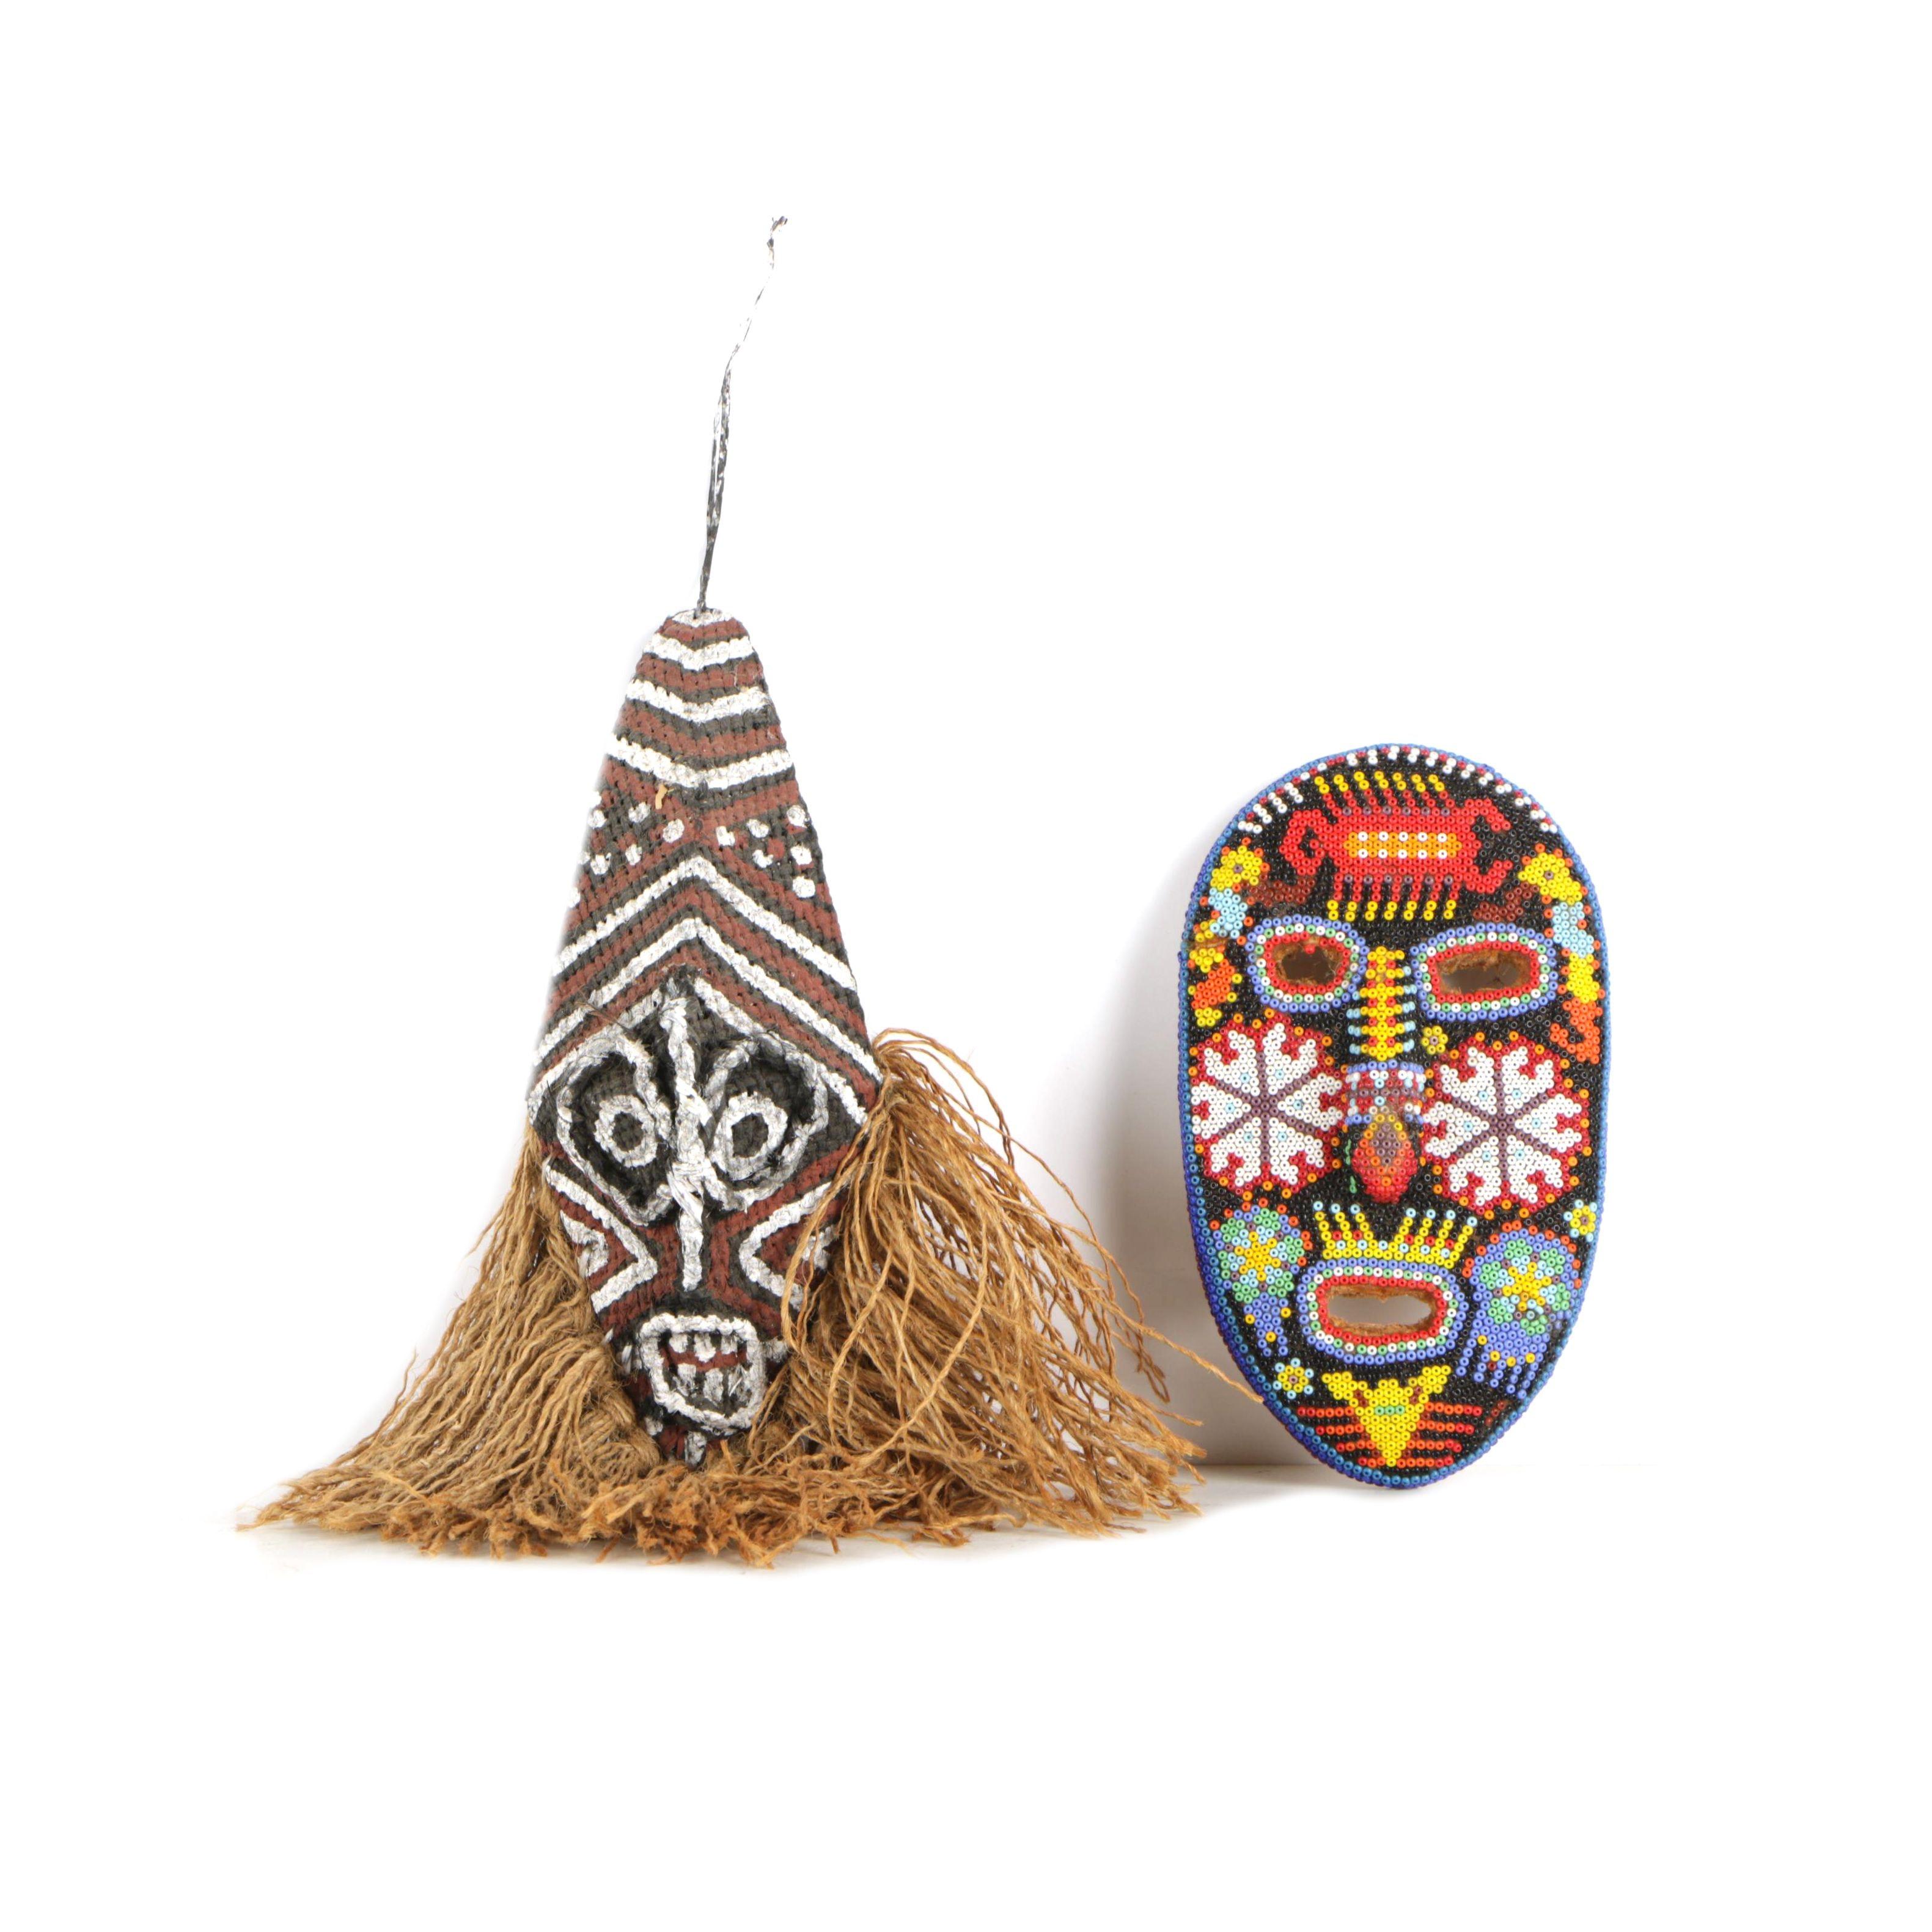 Chokwe- and Huichol-Style Masks